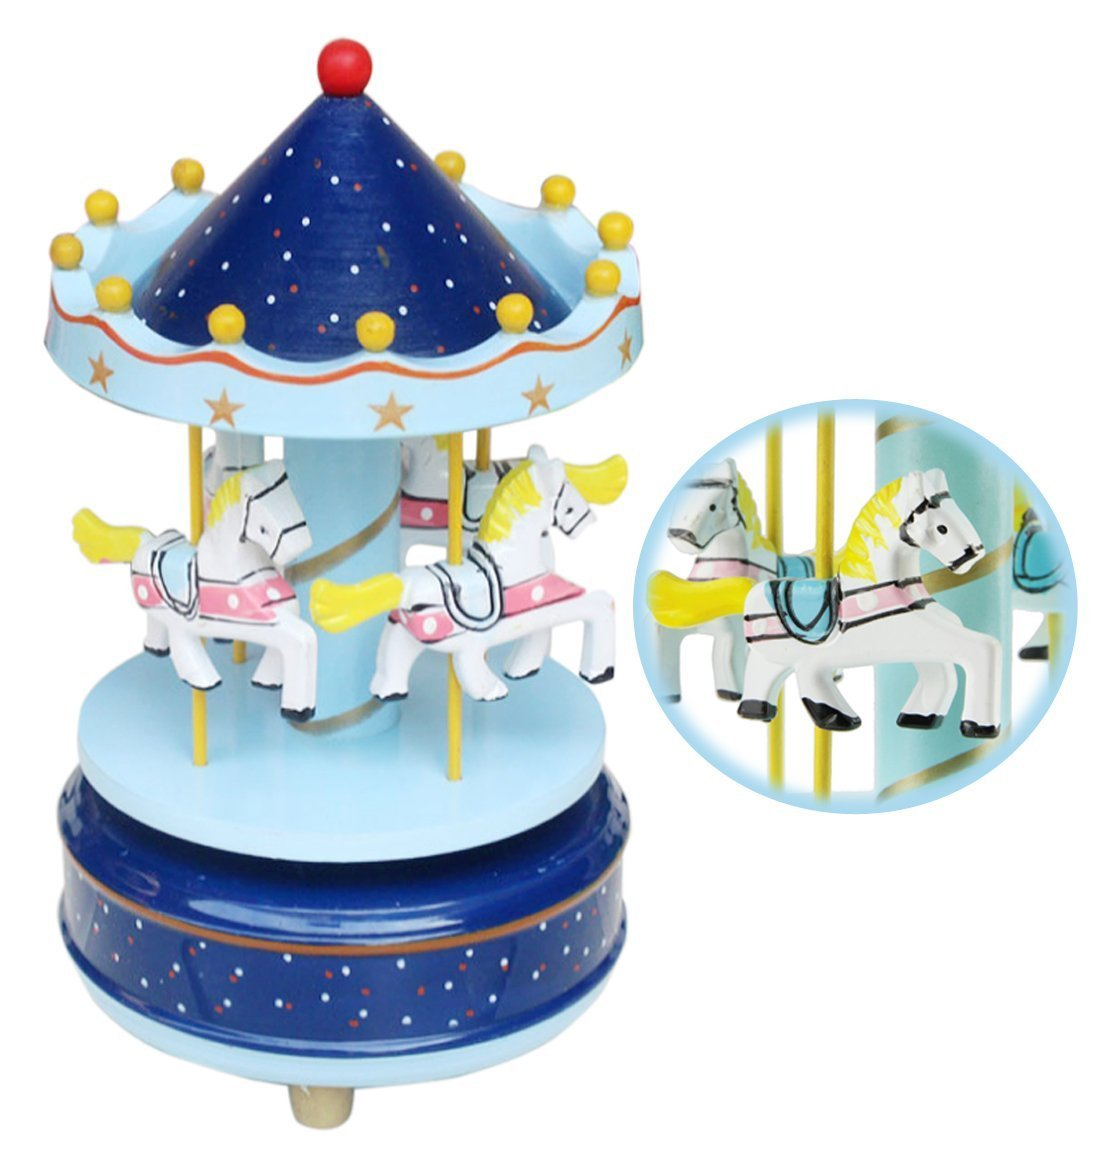 BXT® 4 Pferde Karusselle Spieluhr Carousel Musikspieldose Music Box Kreative Artware / Geschenk Melodie Schloss im Himmel keine Stromversorgung